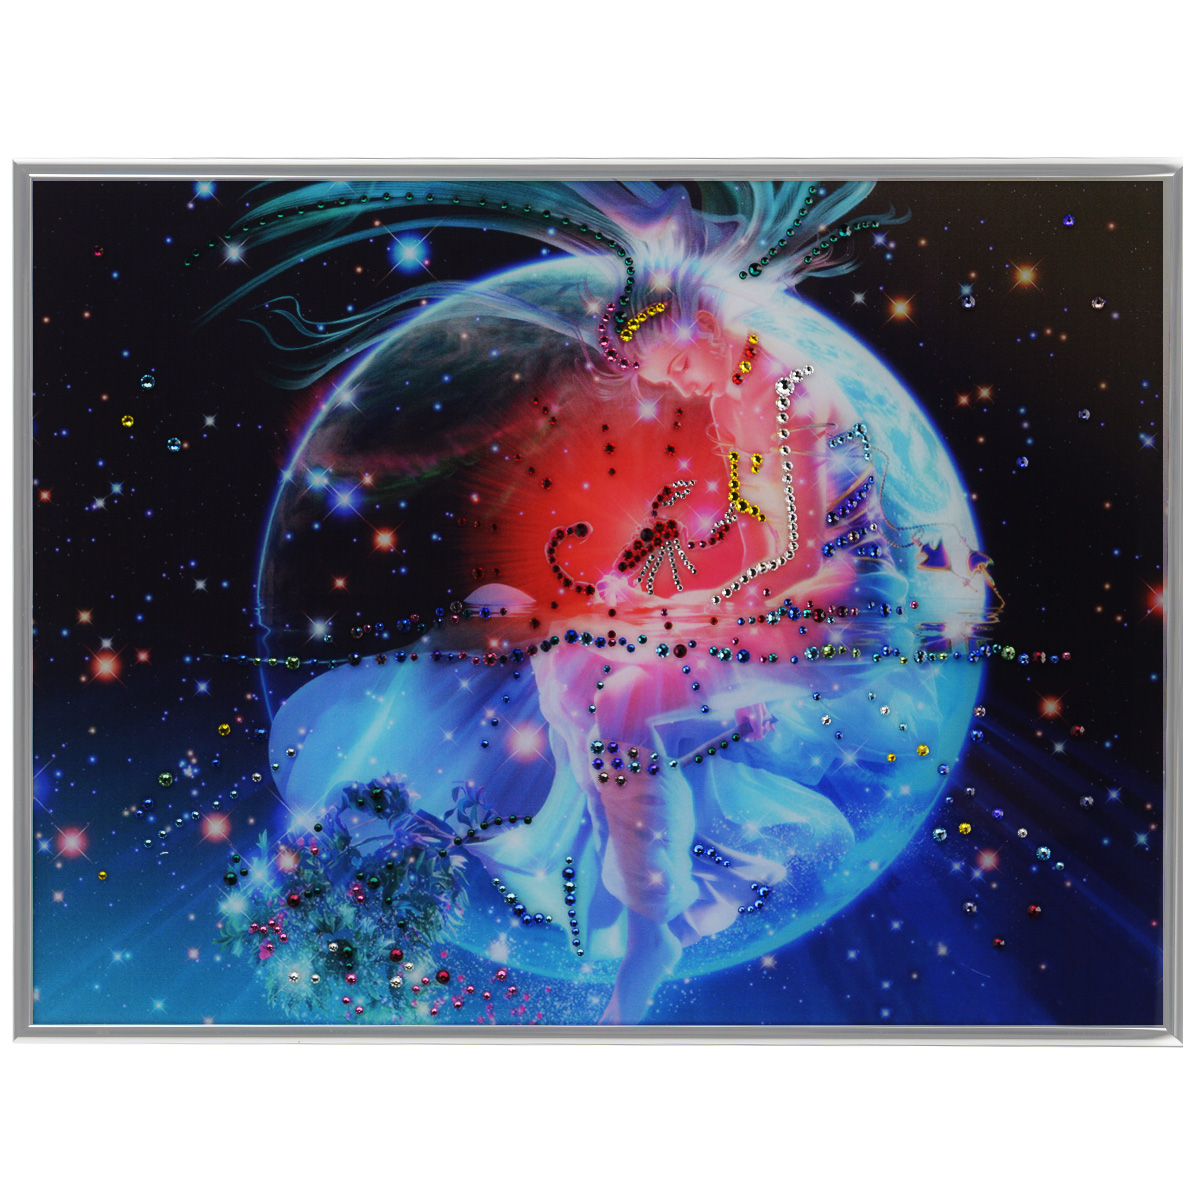 Картина с кристаллами Swarovski Знак зодиака. Скорпион Кагая, 40 х 30 см25051 7_желтыйИзящная картина в металлической раме, инкрустирована кристаллами Swarovski, которые отличаются четкой и ровной огранкой, ярким блеском и чистотой цвета. Красочное изображение знака зодиака - скорпион Кагая, расположенное под стеклом, прекрасно дополняет блеск кристаллов. С обратной стороны имеется металлическая петелька для размещения картины на стене. Картина с кристаллами Swarovski Знак зодиака. Скорпион Кагая элегантно украсит интерьер дома или офиса, а также станет прекрасным подарком, который обязательно понравится получателю. Блеск кристаллов в интерьере, что может быть сказочнее и удивительнее. Картина упакована в подарочную картонную коробку синего цвета и комплектуется сертификатом соответствия Swarovski.